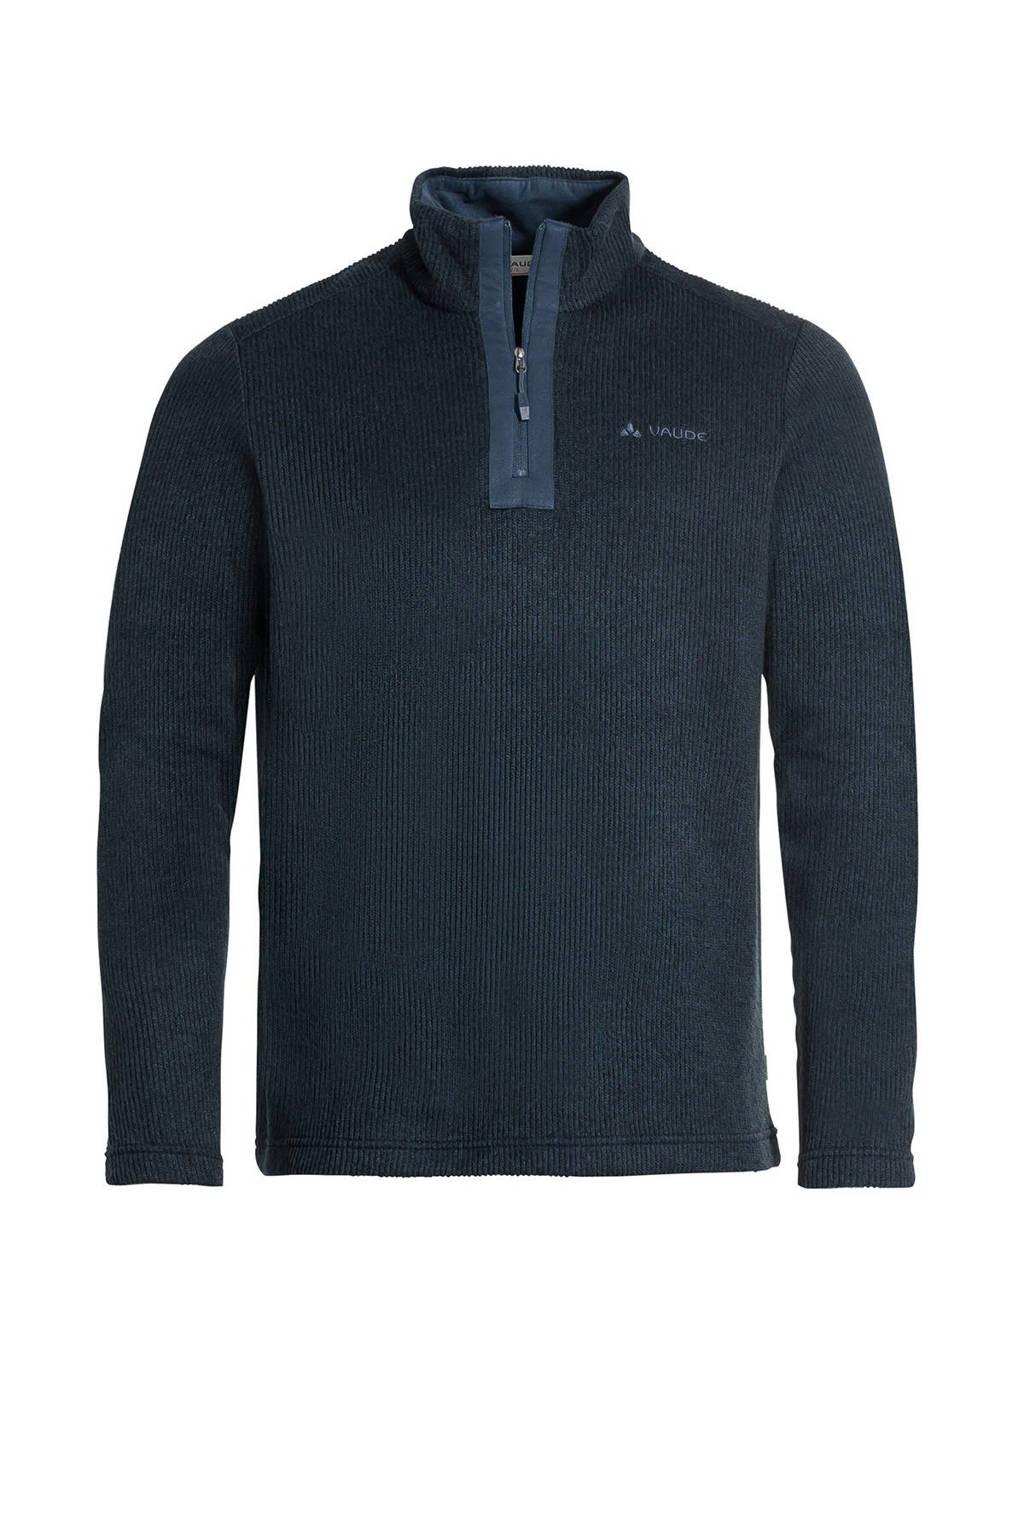 VAUDE outdoor trui Tesero donkerblauw, Donkerblauw